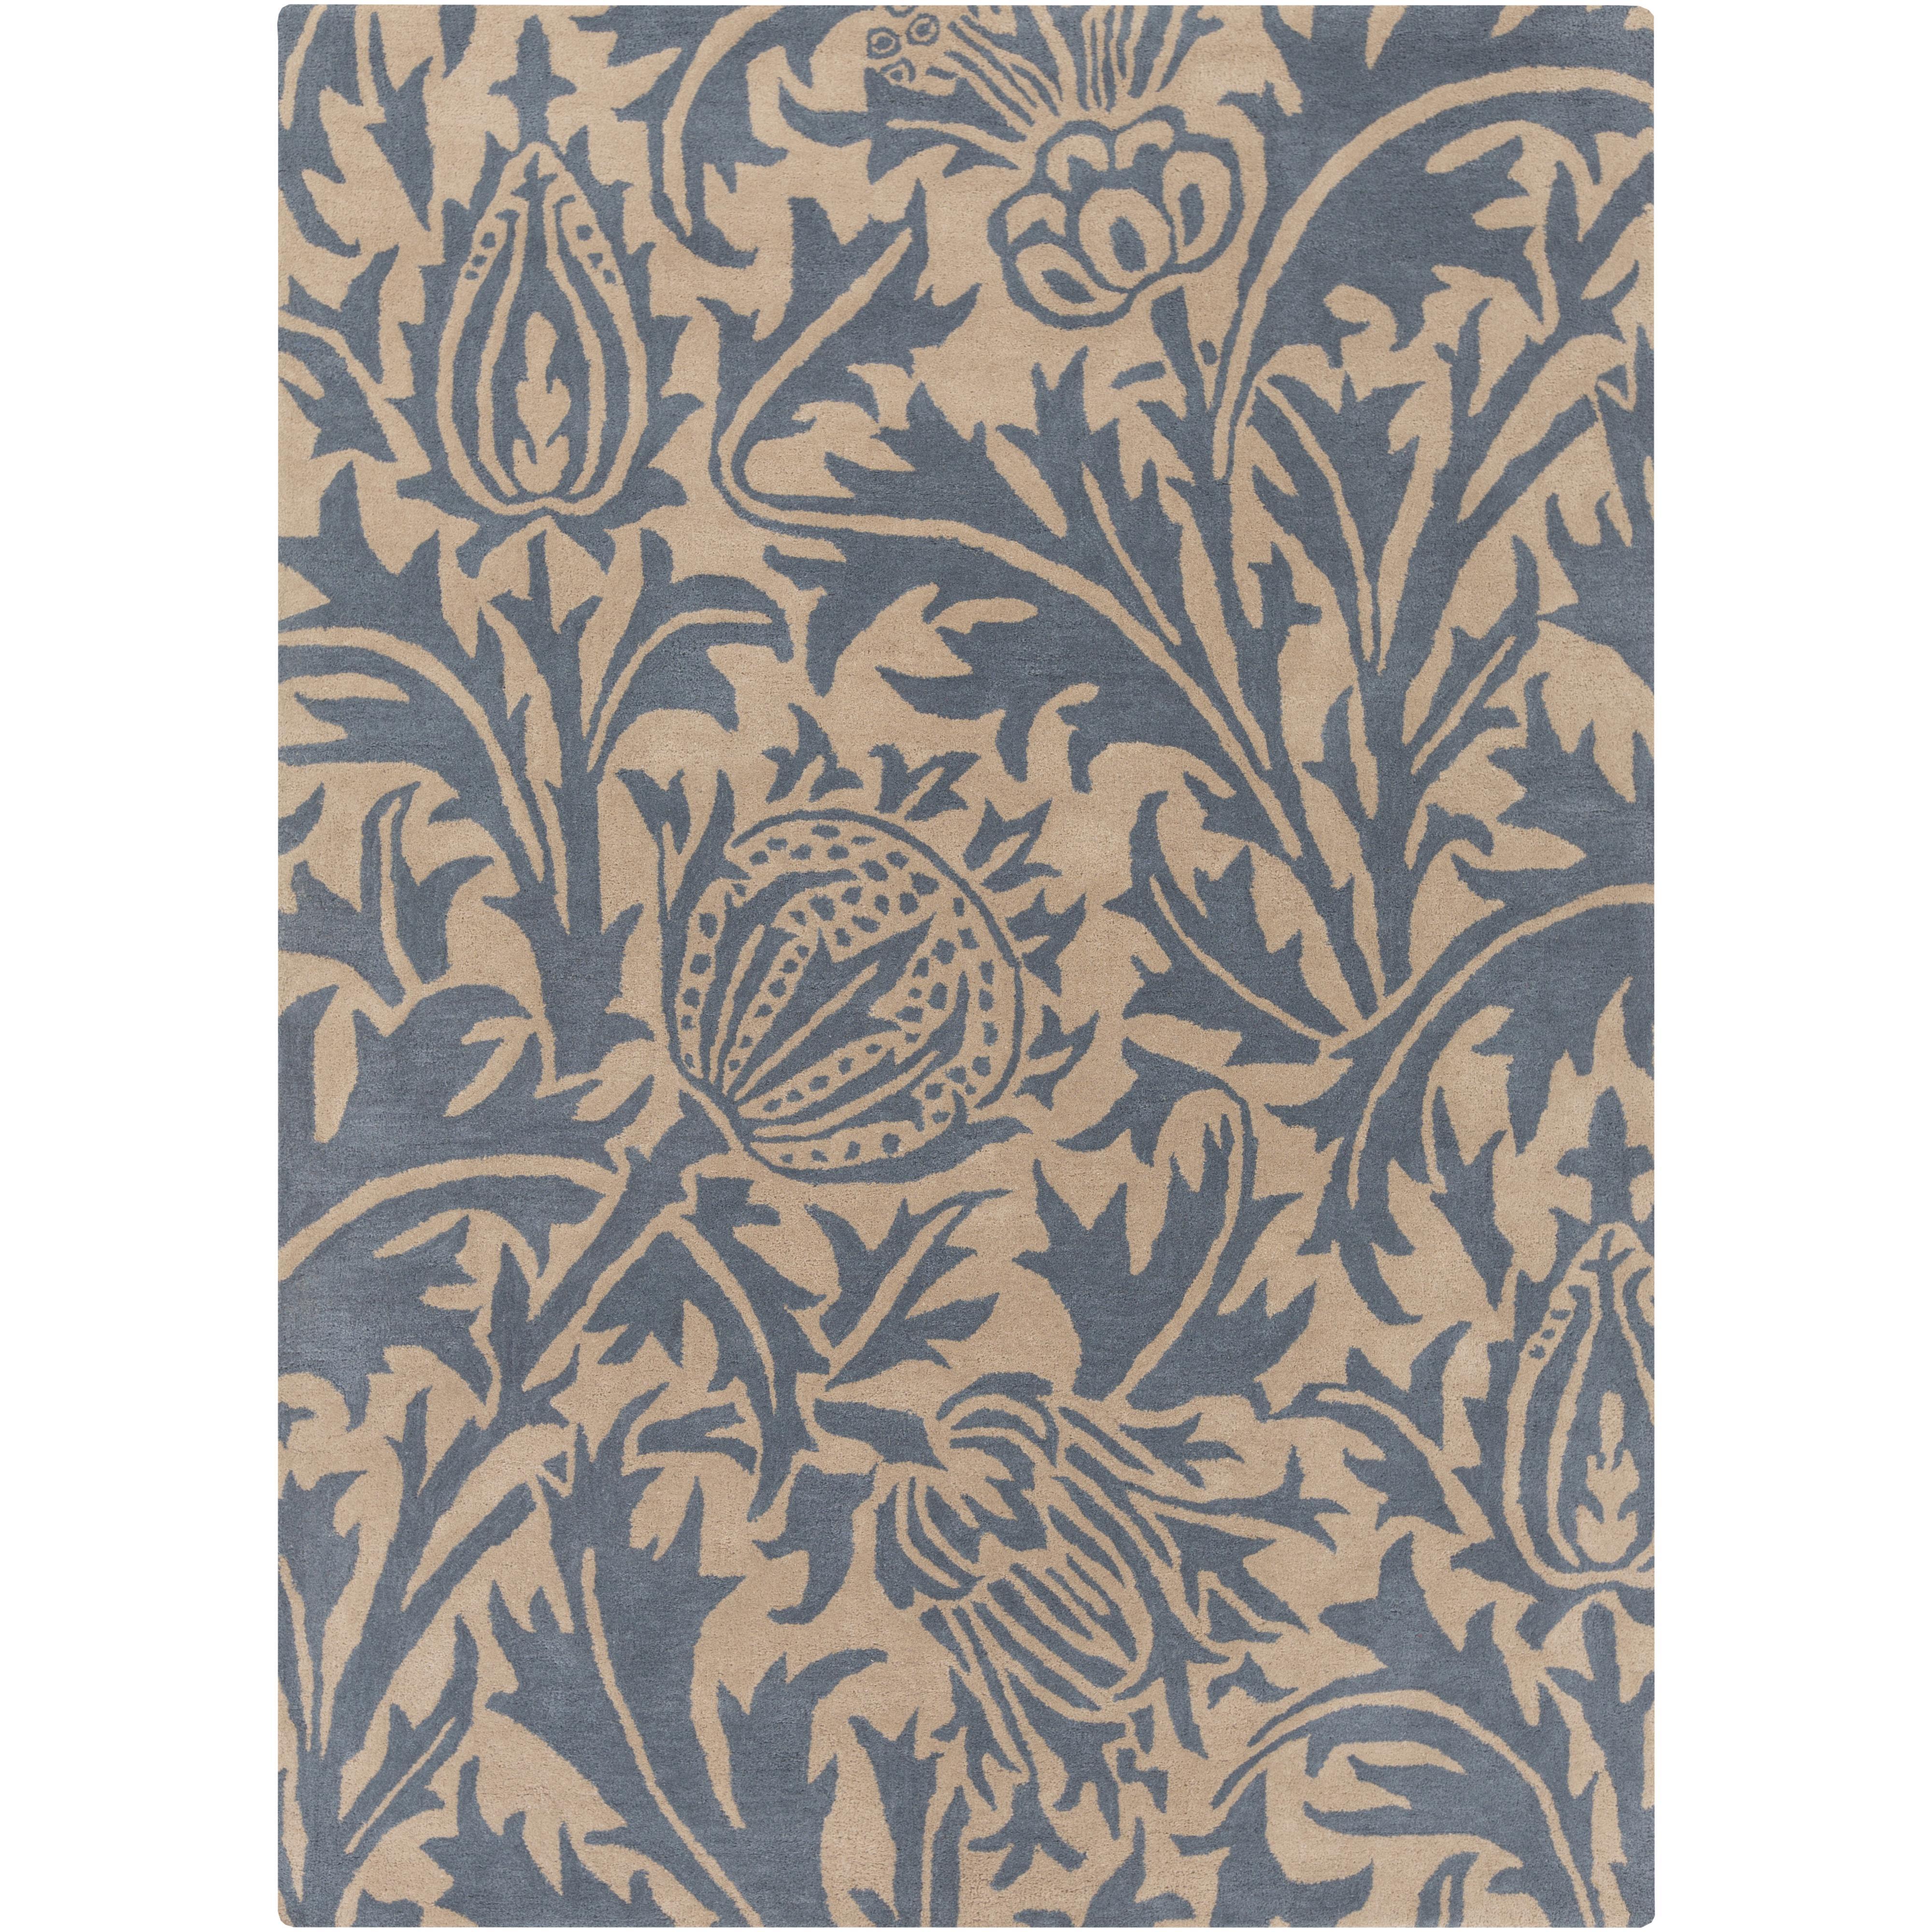 Surya Rugs William Morris 8' x 11' - Item Number: WLM3008-811